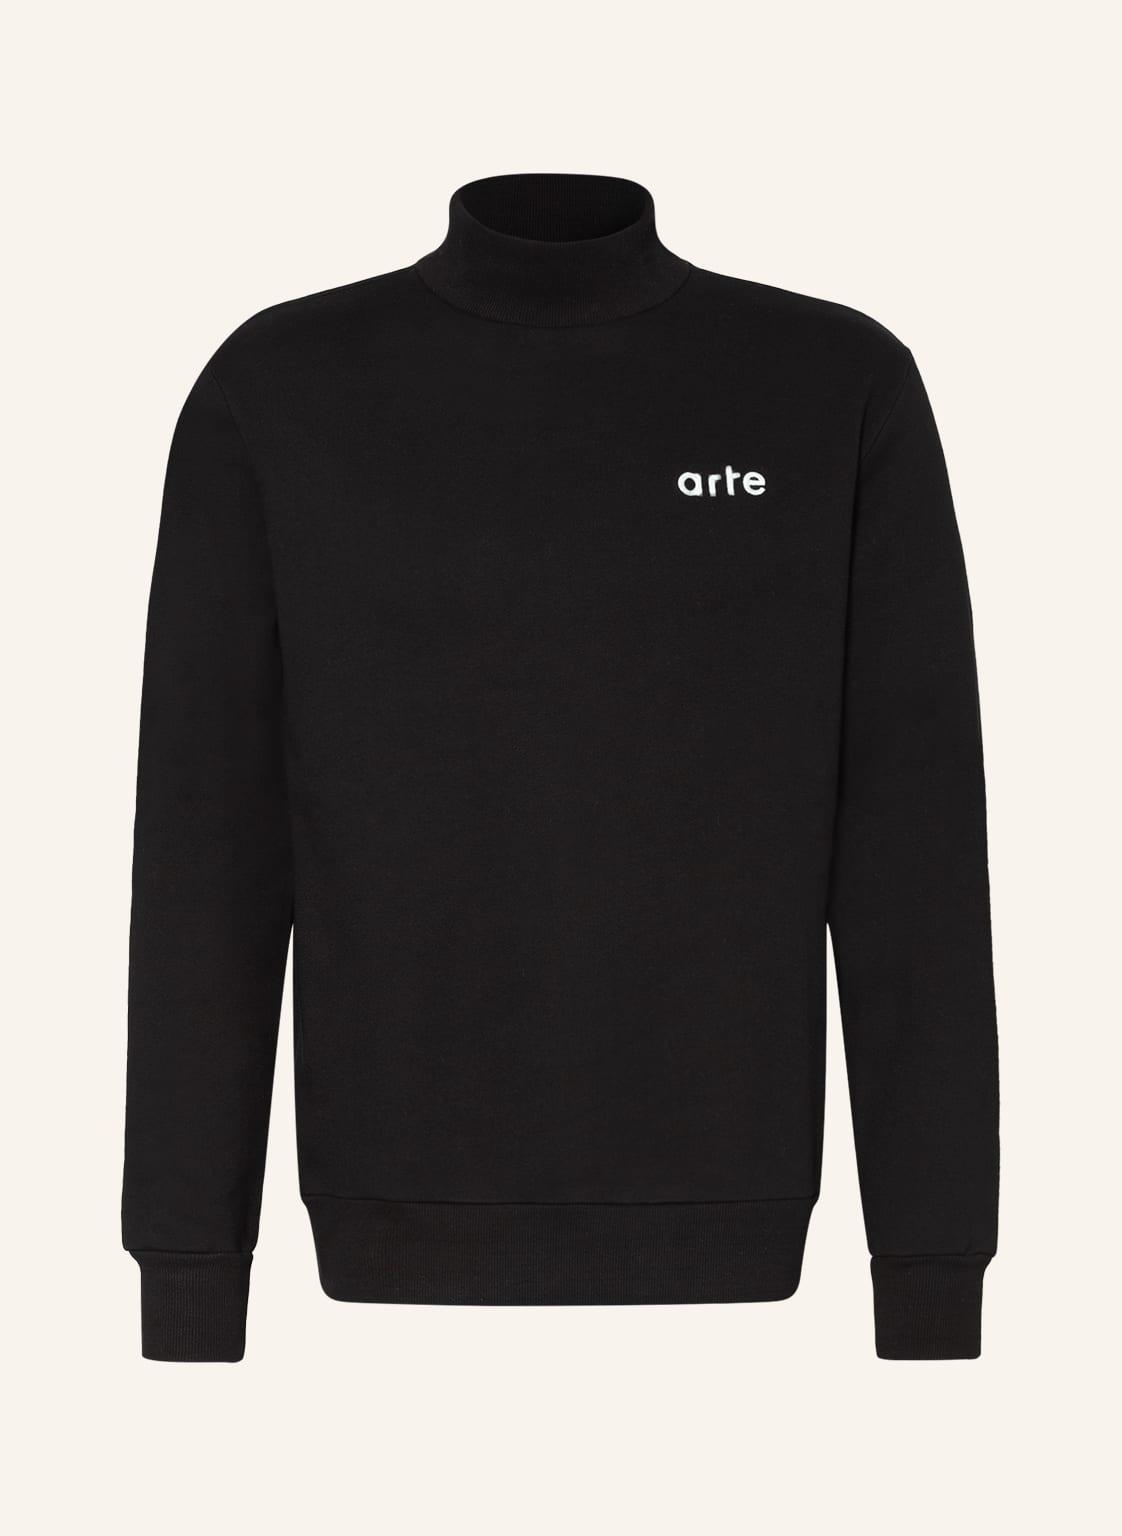 Image of Arte Antwerp Sweatshirt schwarz